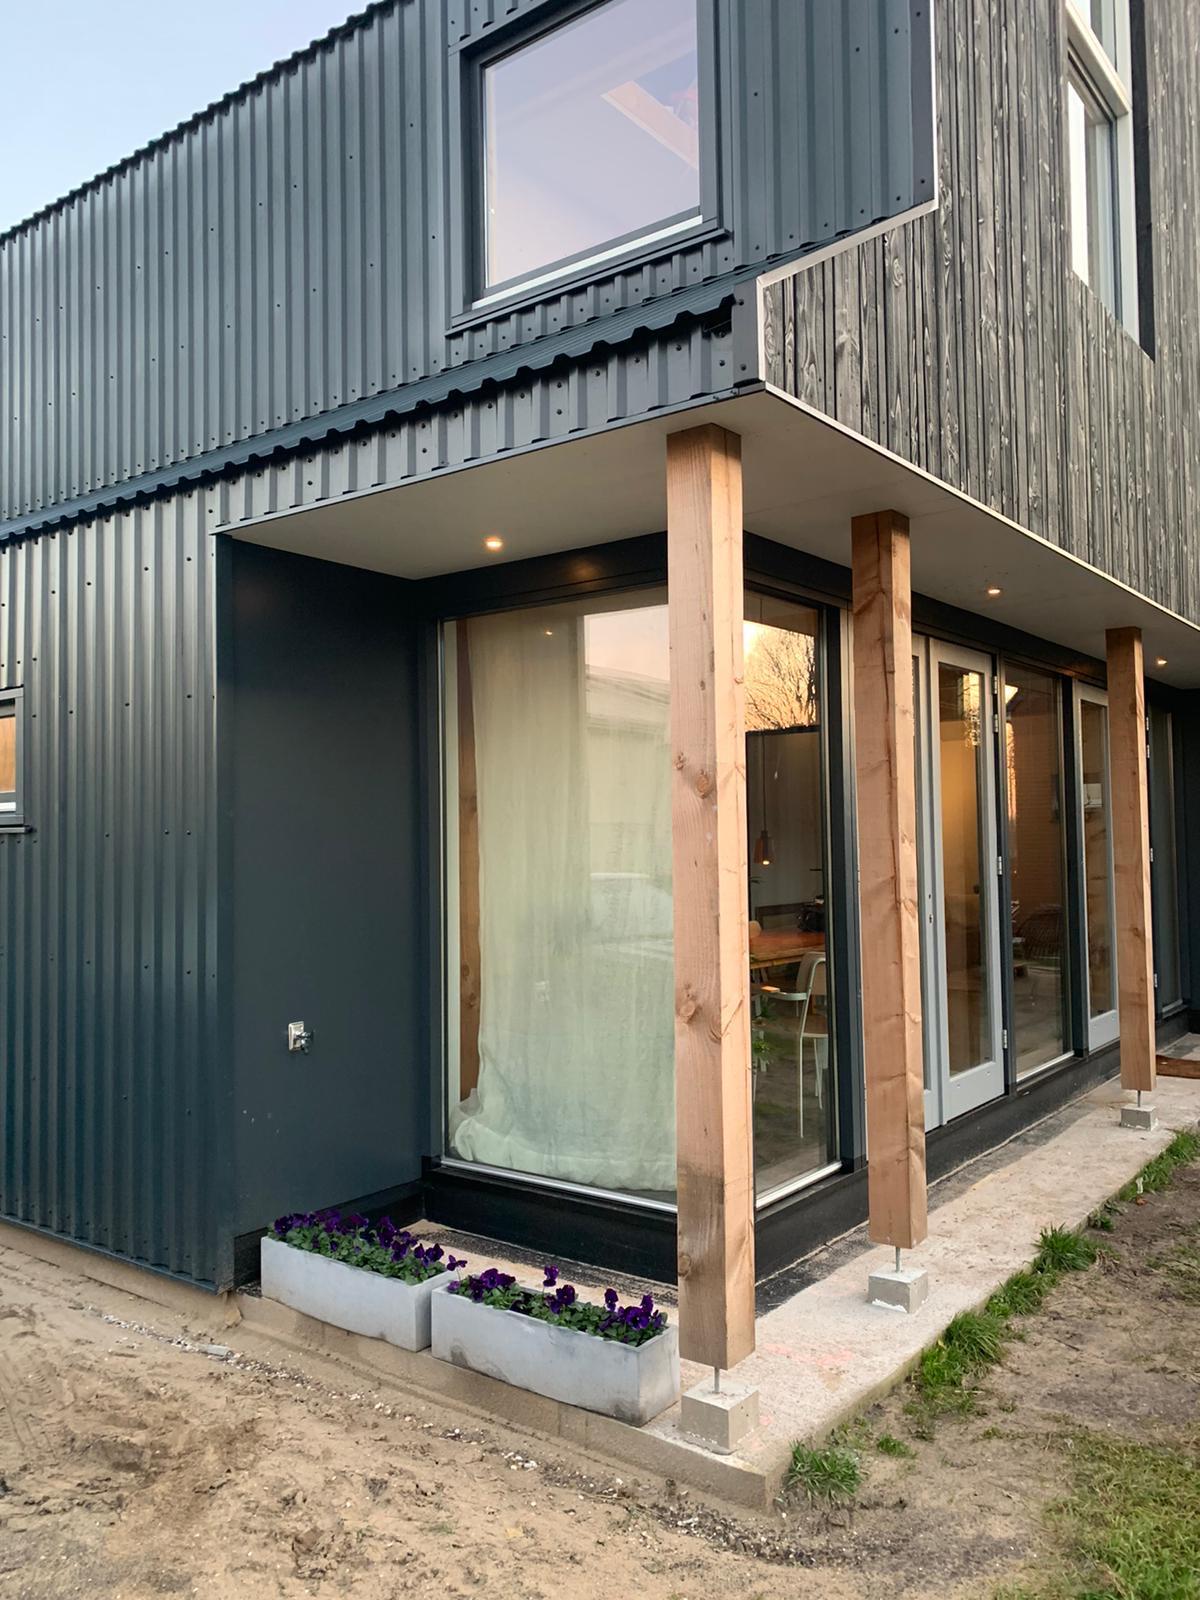 hout-en-huis-in-stijl-woning-22-12-2019-om-13.32.27-9